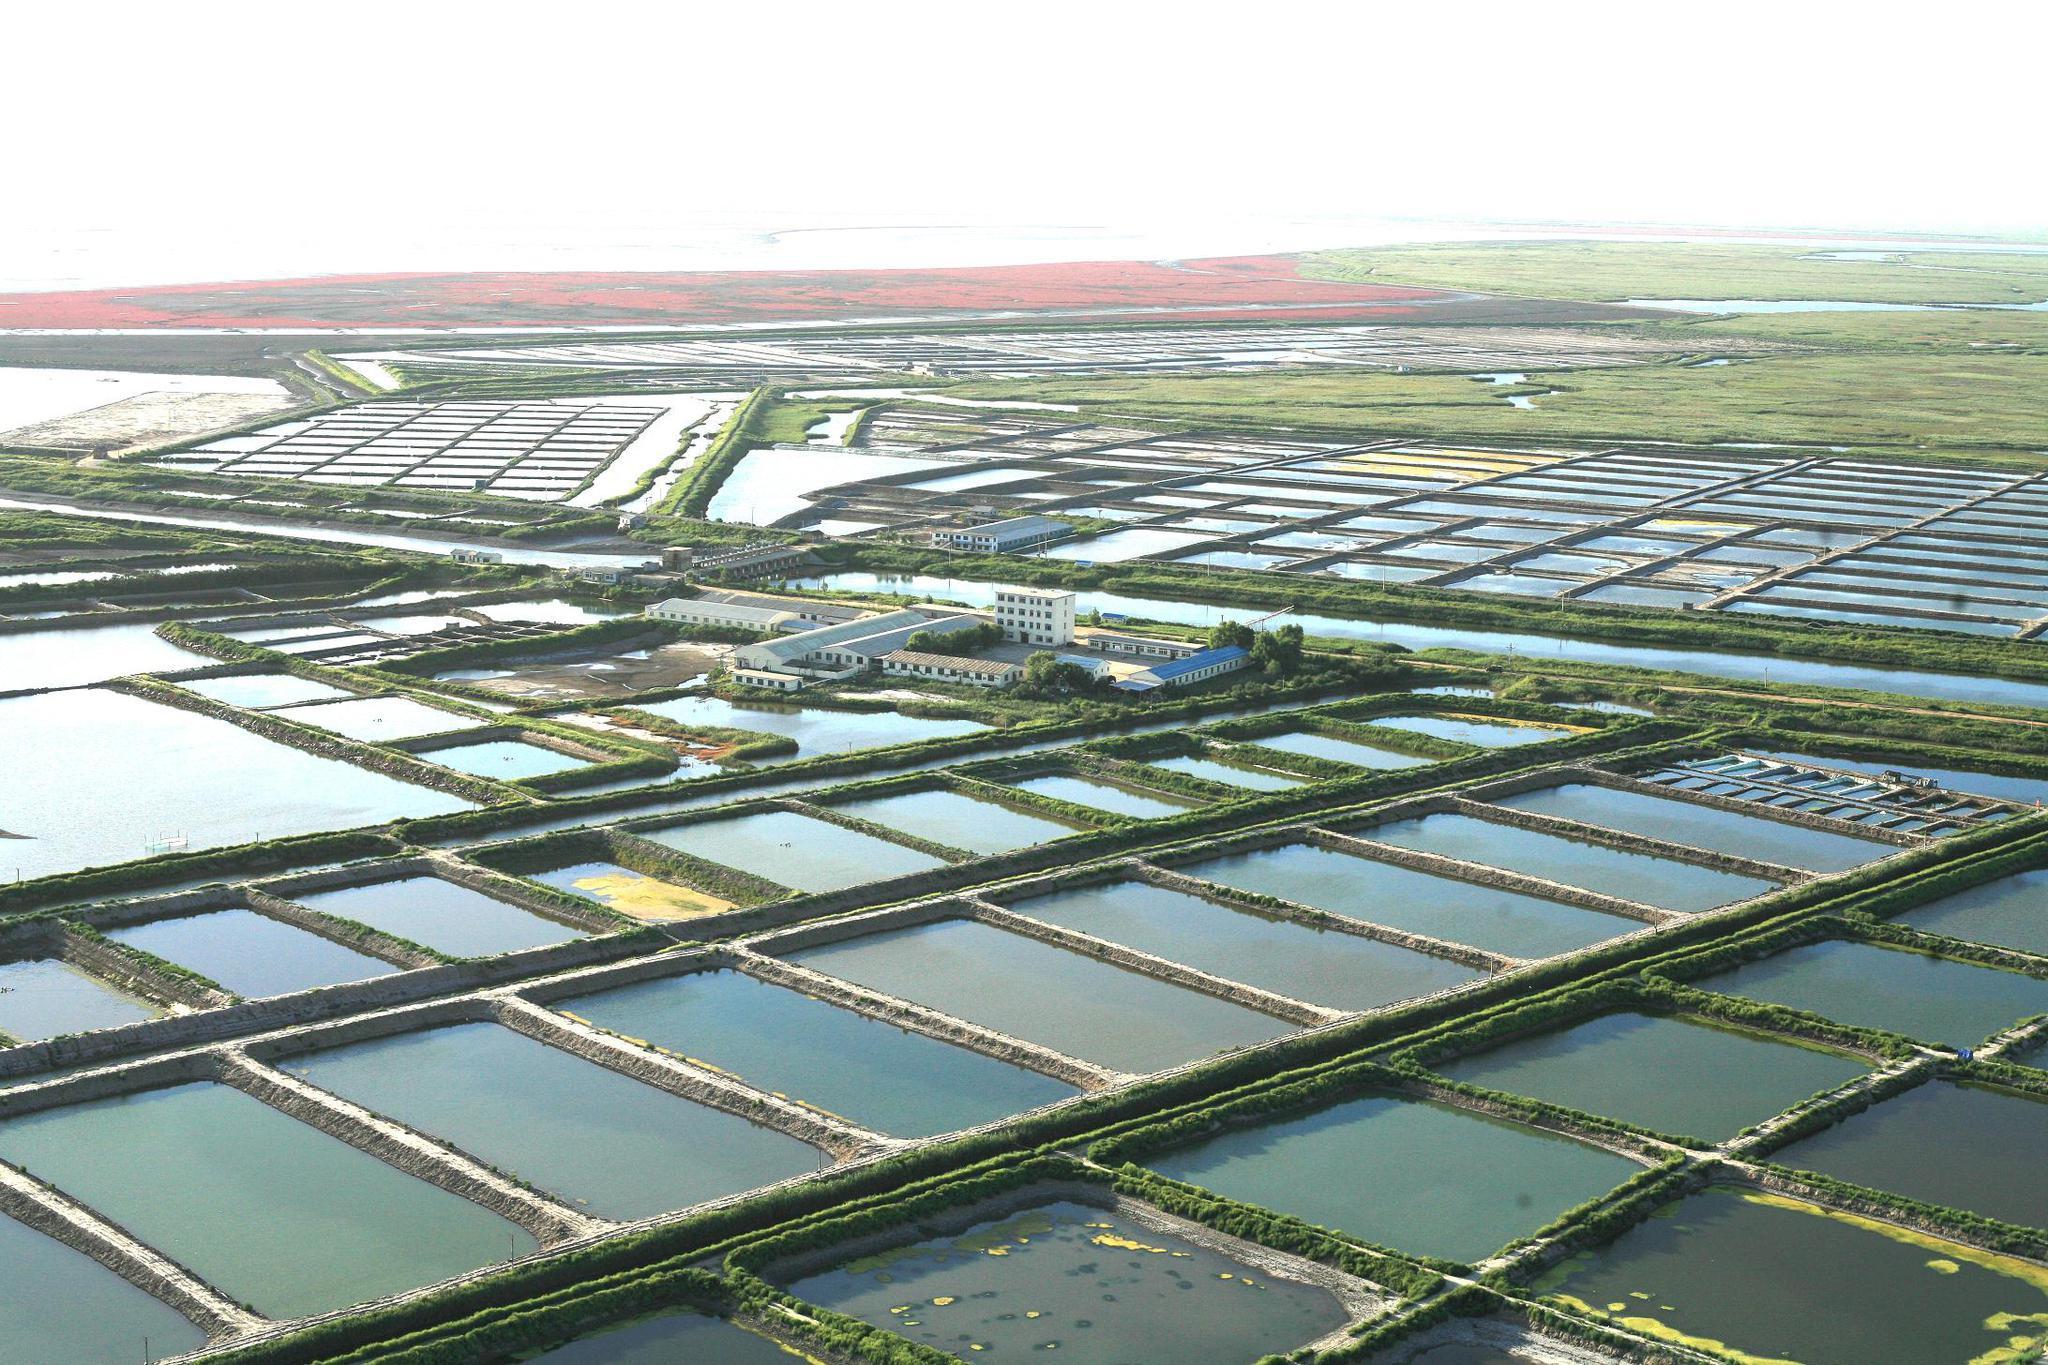 湖北一养殖公司违规湖中投肥被罚款190余万元